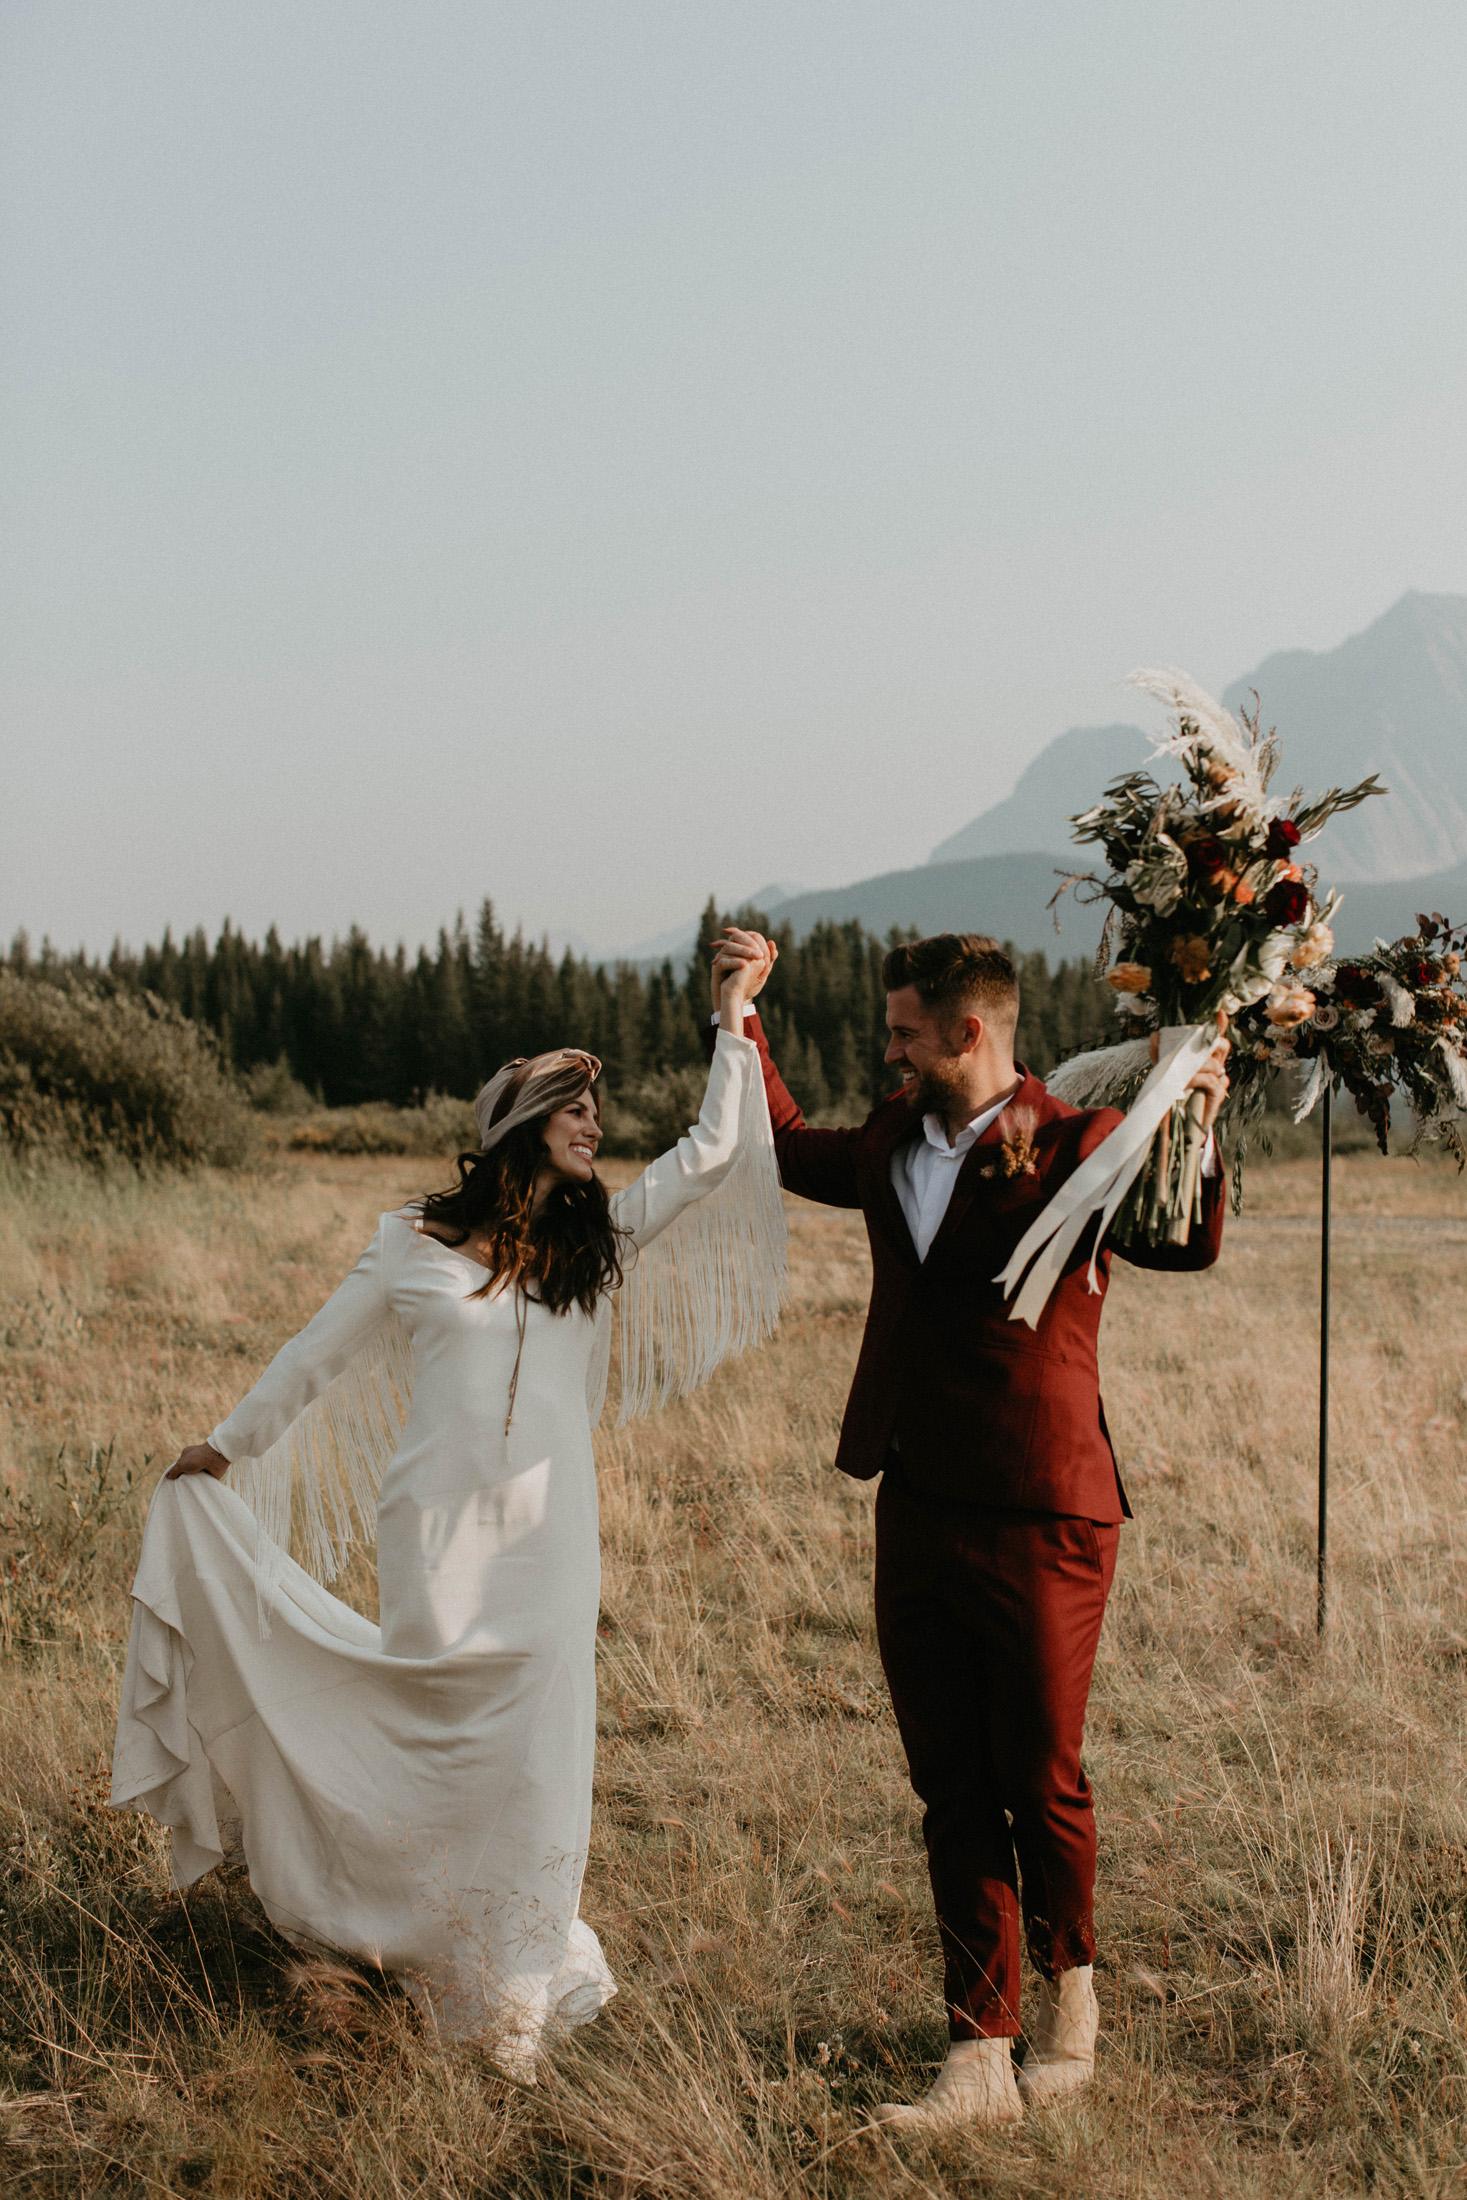 banff-elopement-photography-039.jpg